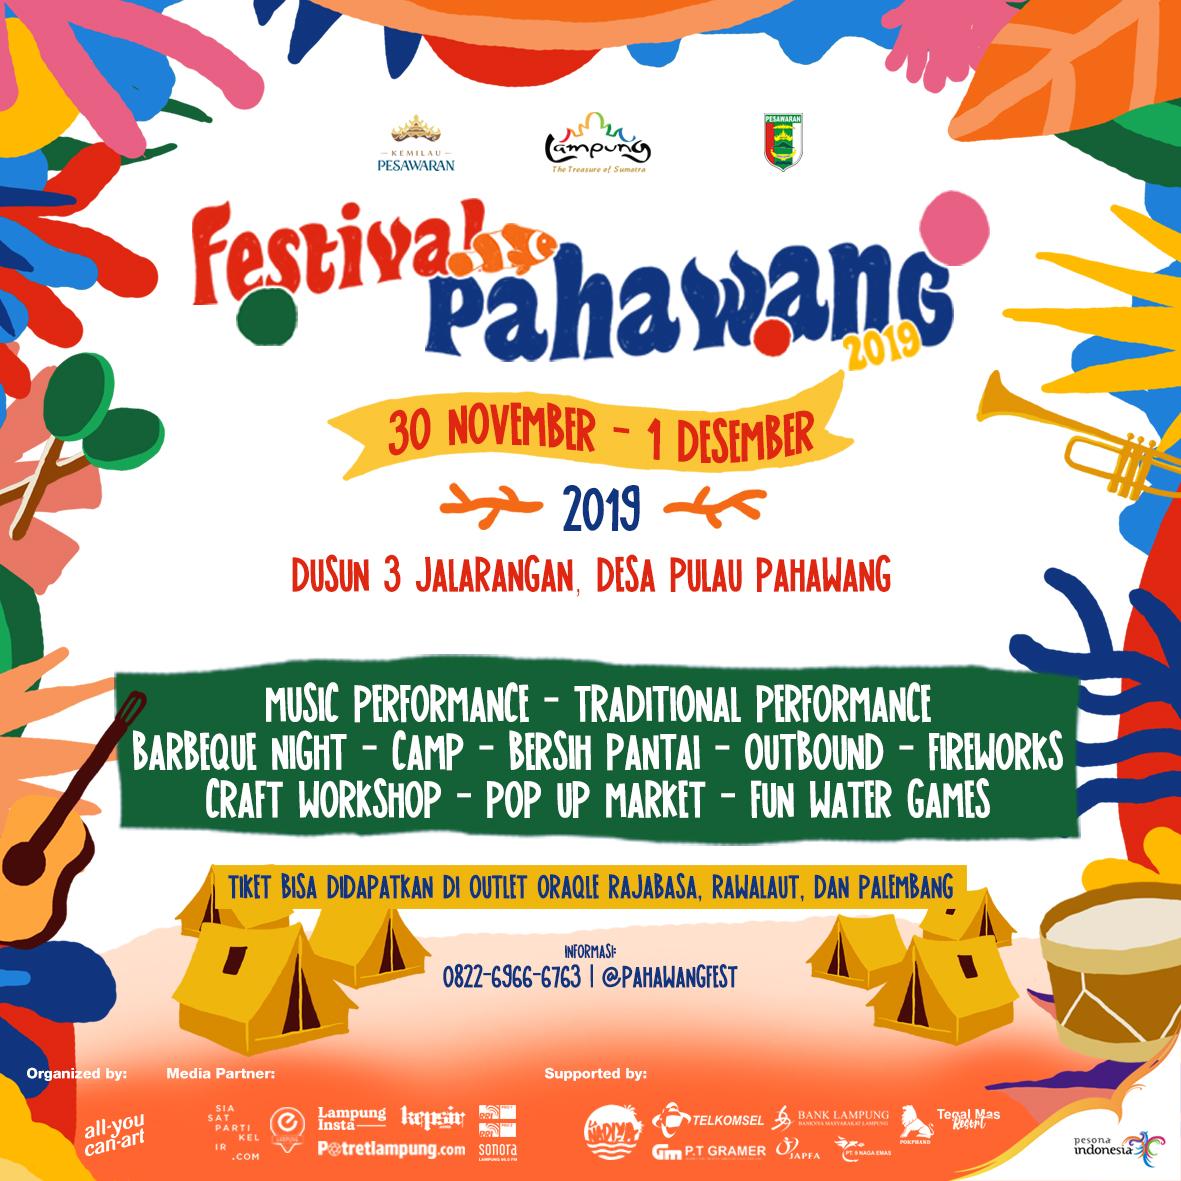 Festival%2BPahawang%2B %2BPublikasi%2B %2BMedia%2BPartner